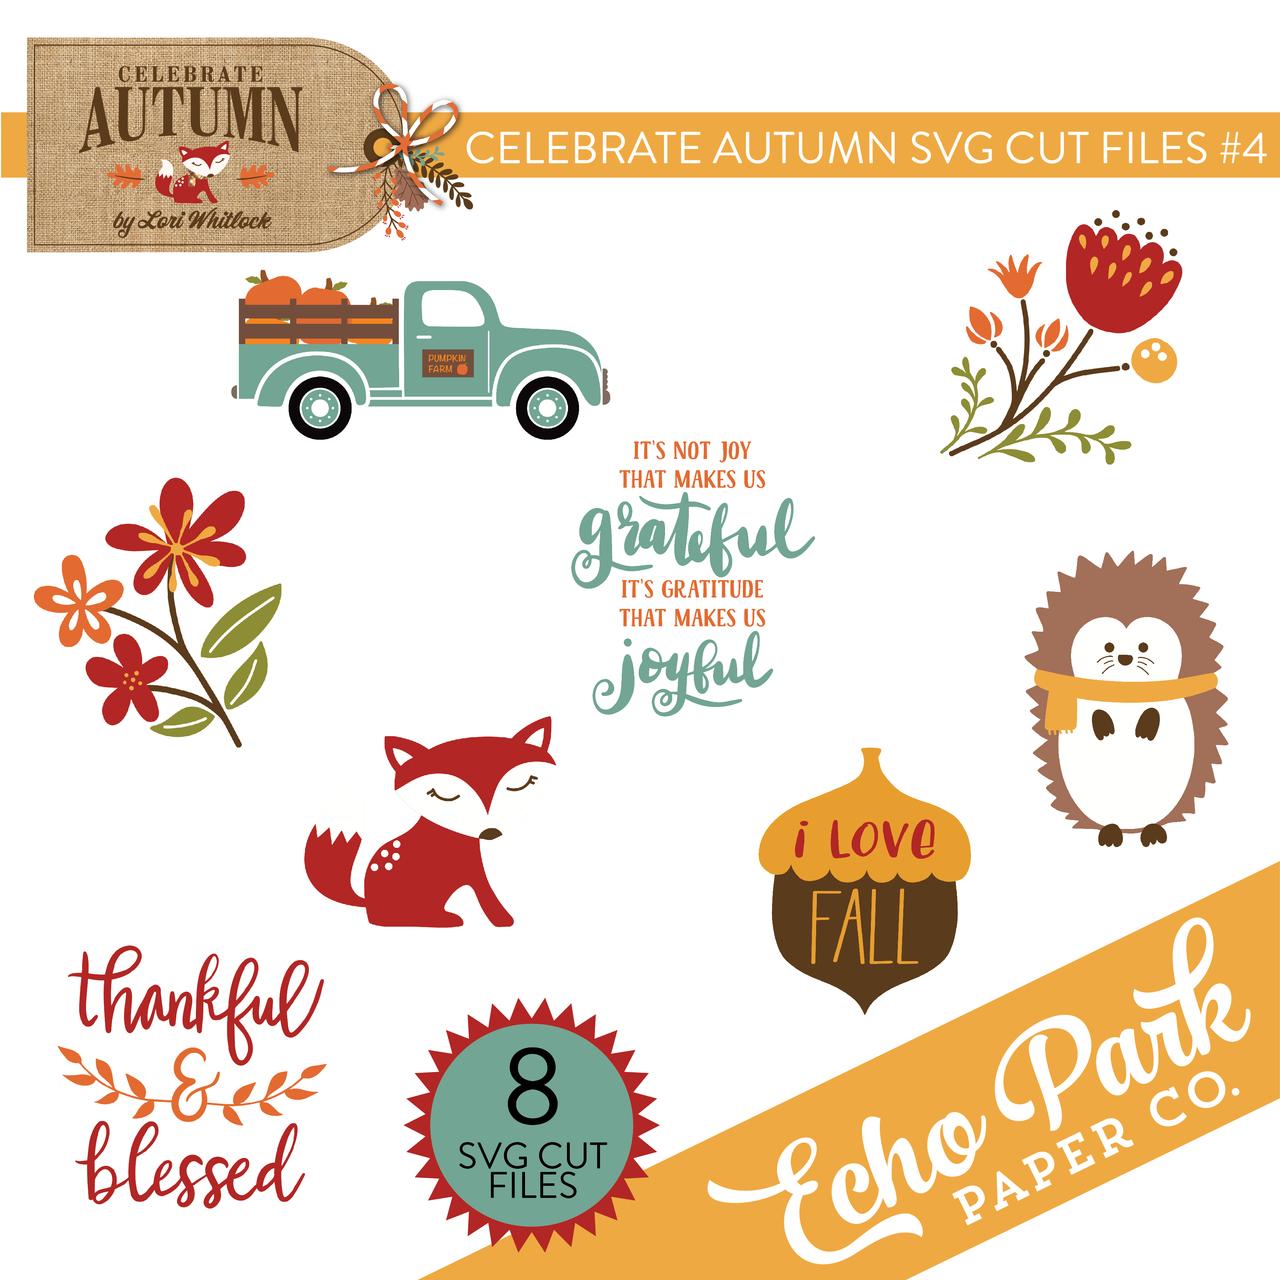 Celebrate Autumn SVG Cut Files #4